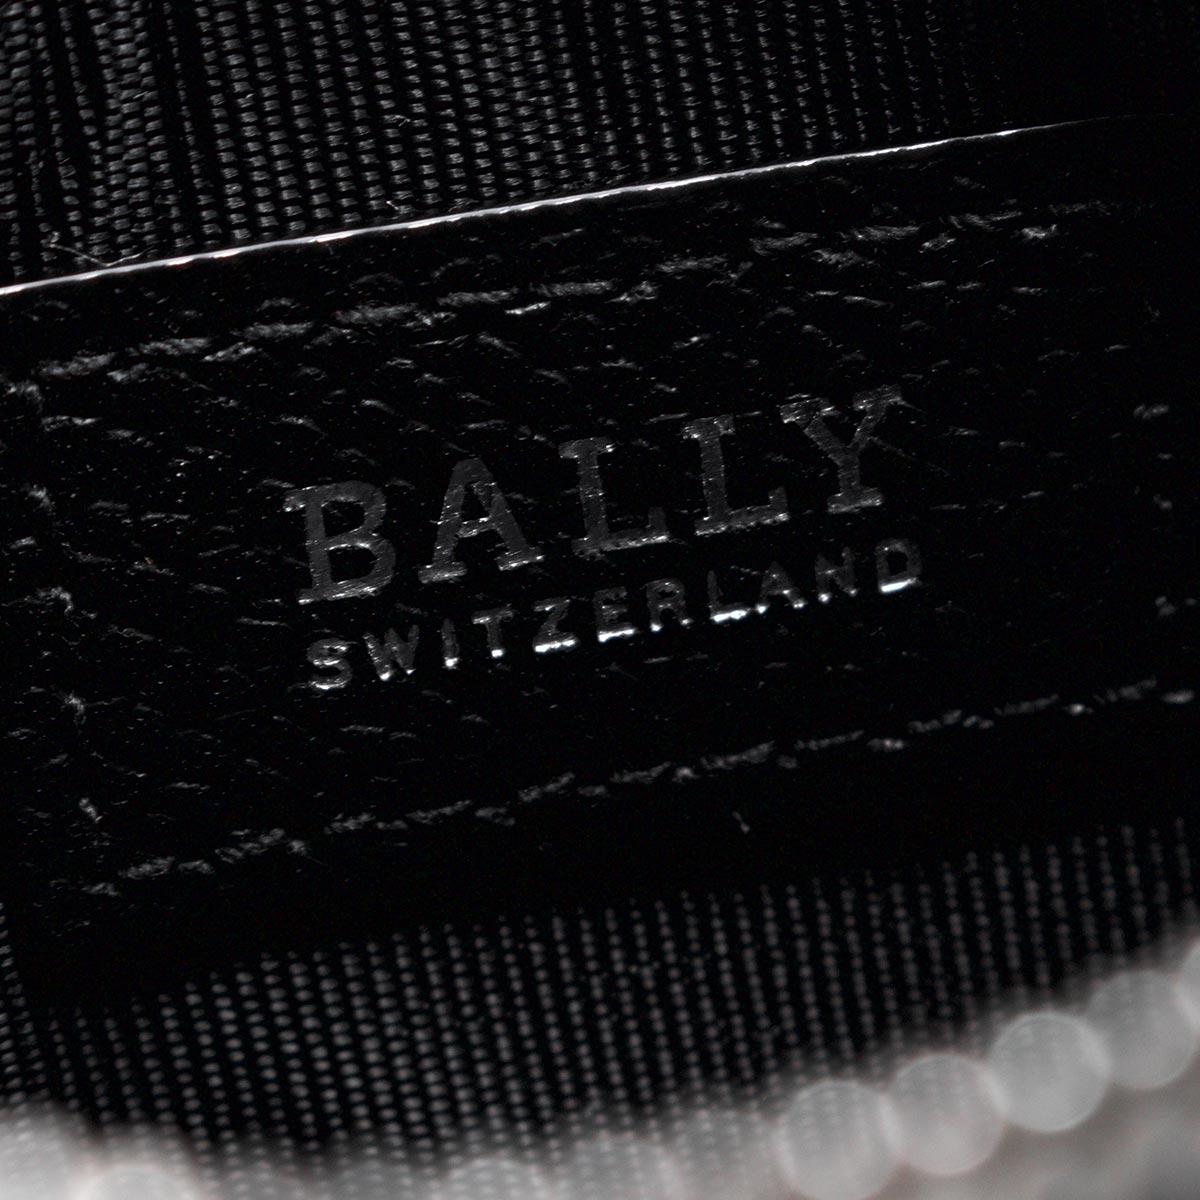 e024e520bbd7 ... メンズ 財布 コインケース【小銭入れ】/カードケース バリー テンリー BALLY 6221811 10. 検索